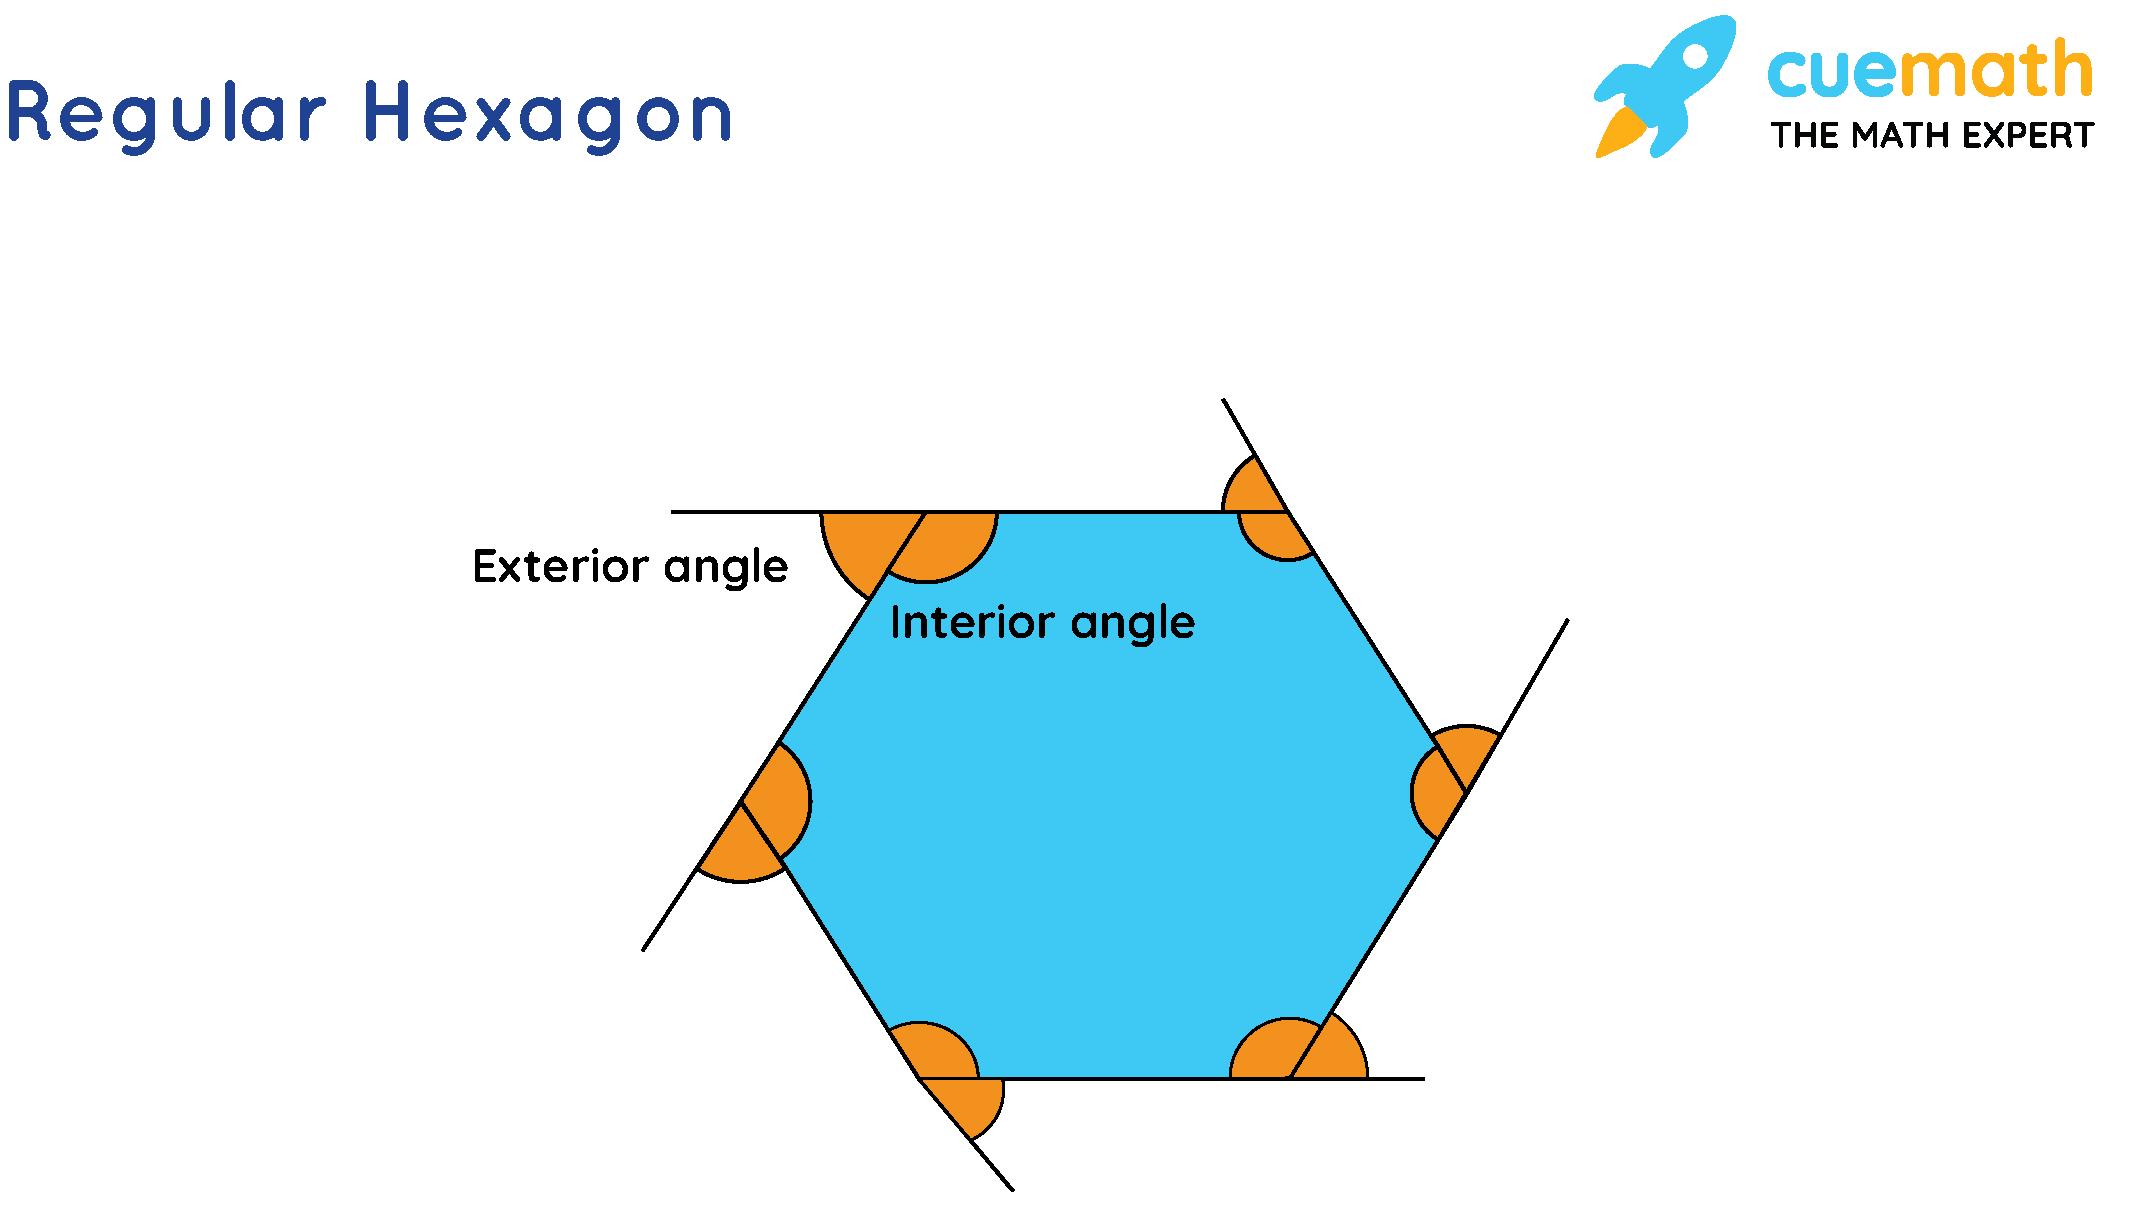 exterior angle of a hexagon